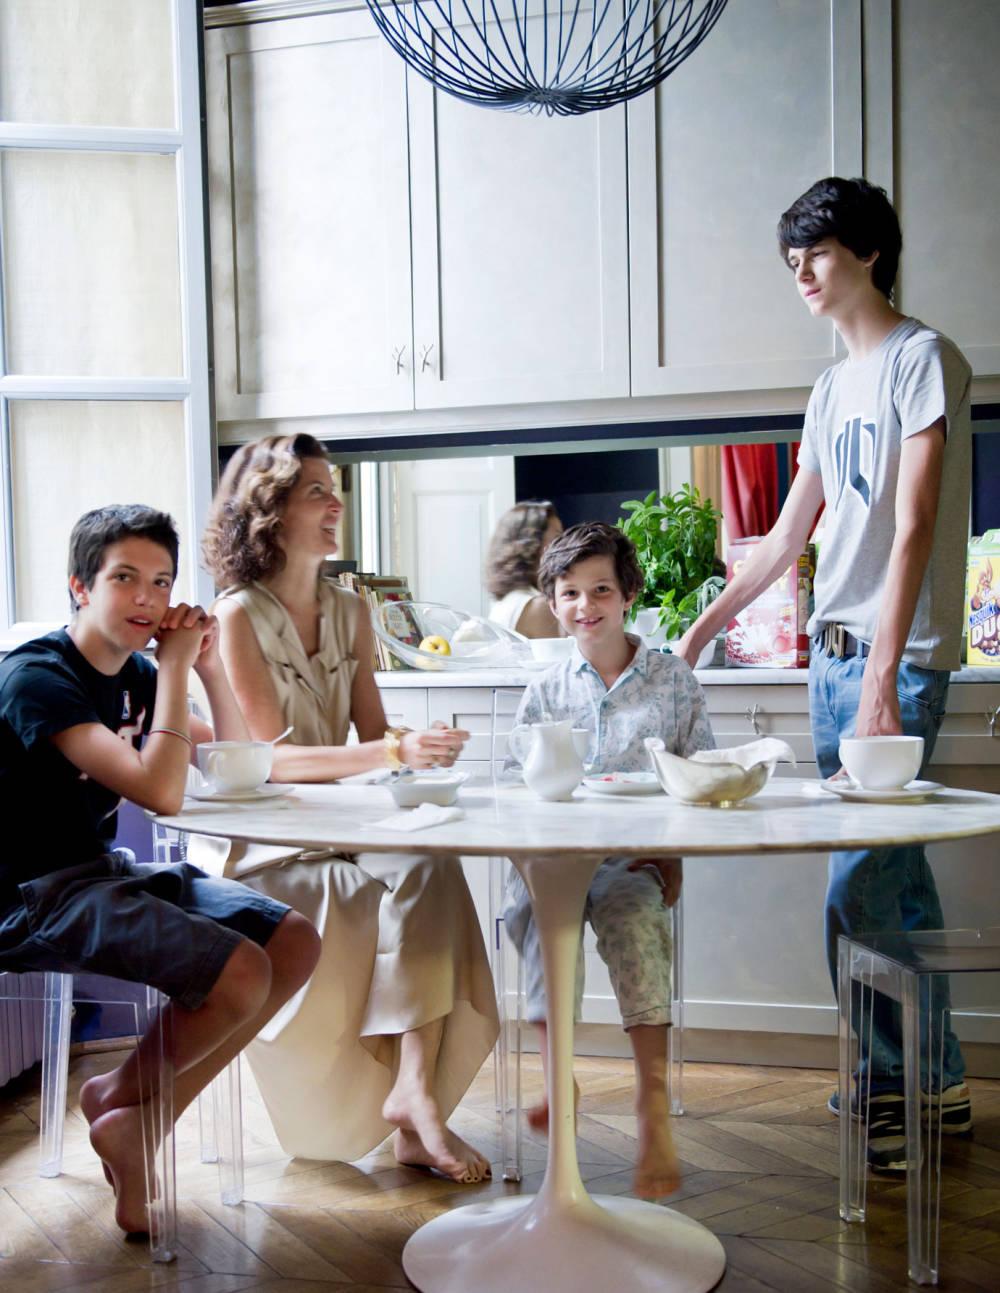 TCX-06-italian-palazzo-breakfast-room-1111-xl-mv